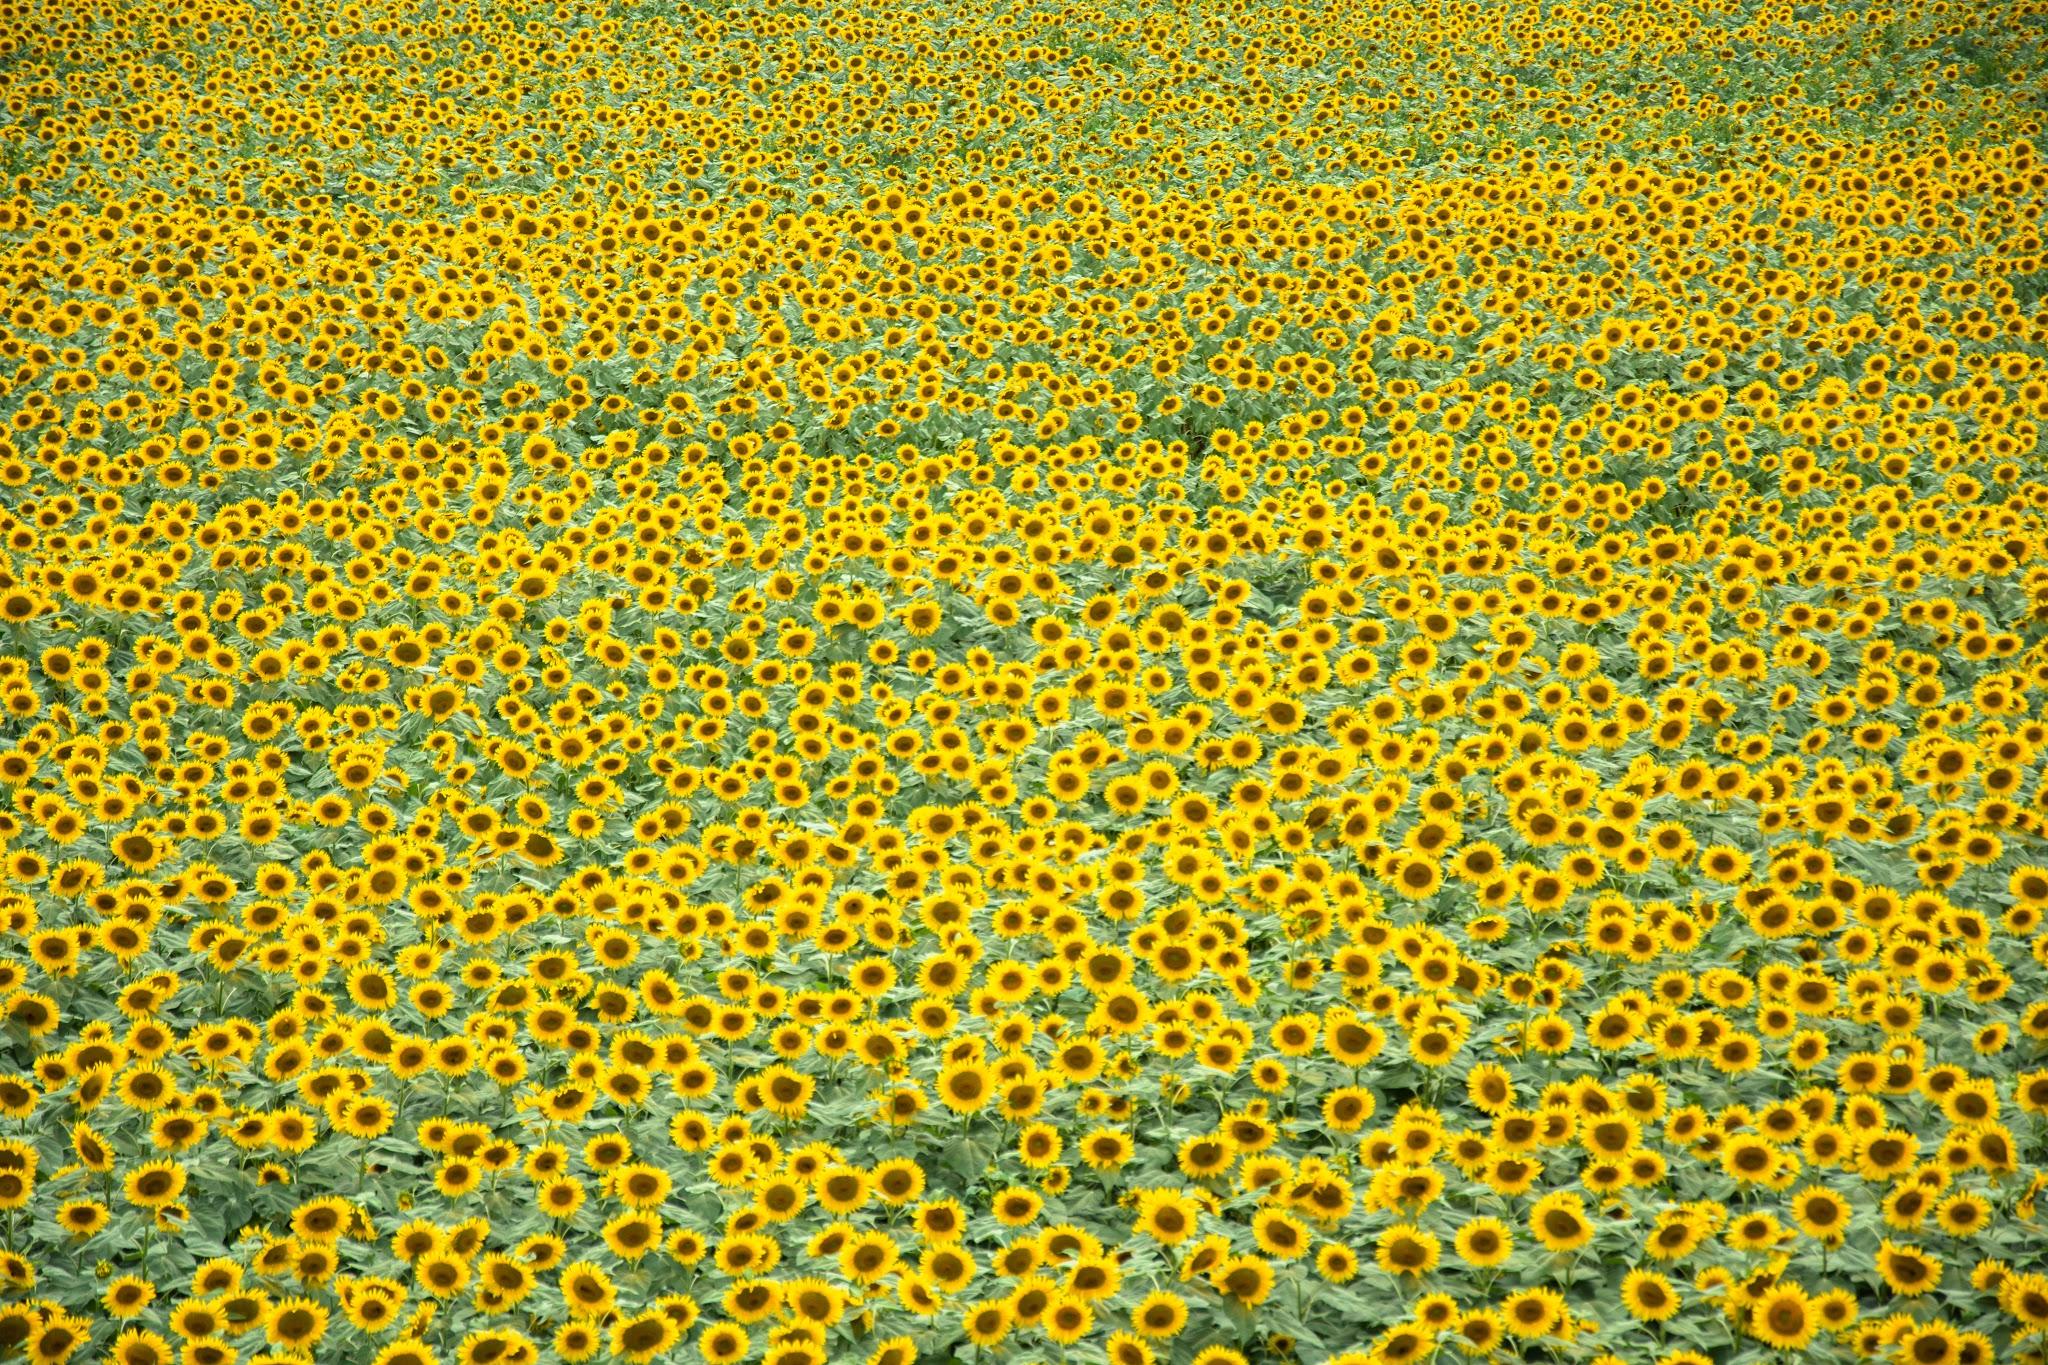 Photo: ひまわり畑 Sunflower field.  夏休みに山梨に帰ると 必ず訪れる場所 今年も少しの時間だったけど ちいさな太陽たちが 元気いっぱいに出迎えてくれた。  #akeno #yamanashi #sunflower #サンフラワーフェス2015 #cooljapan #nikon  Nikon D7200 AF-S DX NIKKOR 18-105mm f/3.5-5.6G ED VR